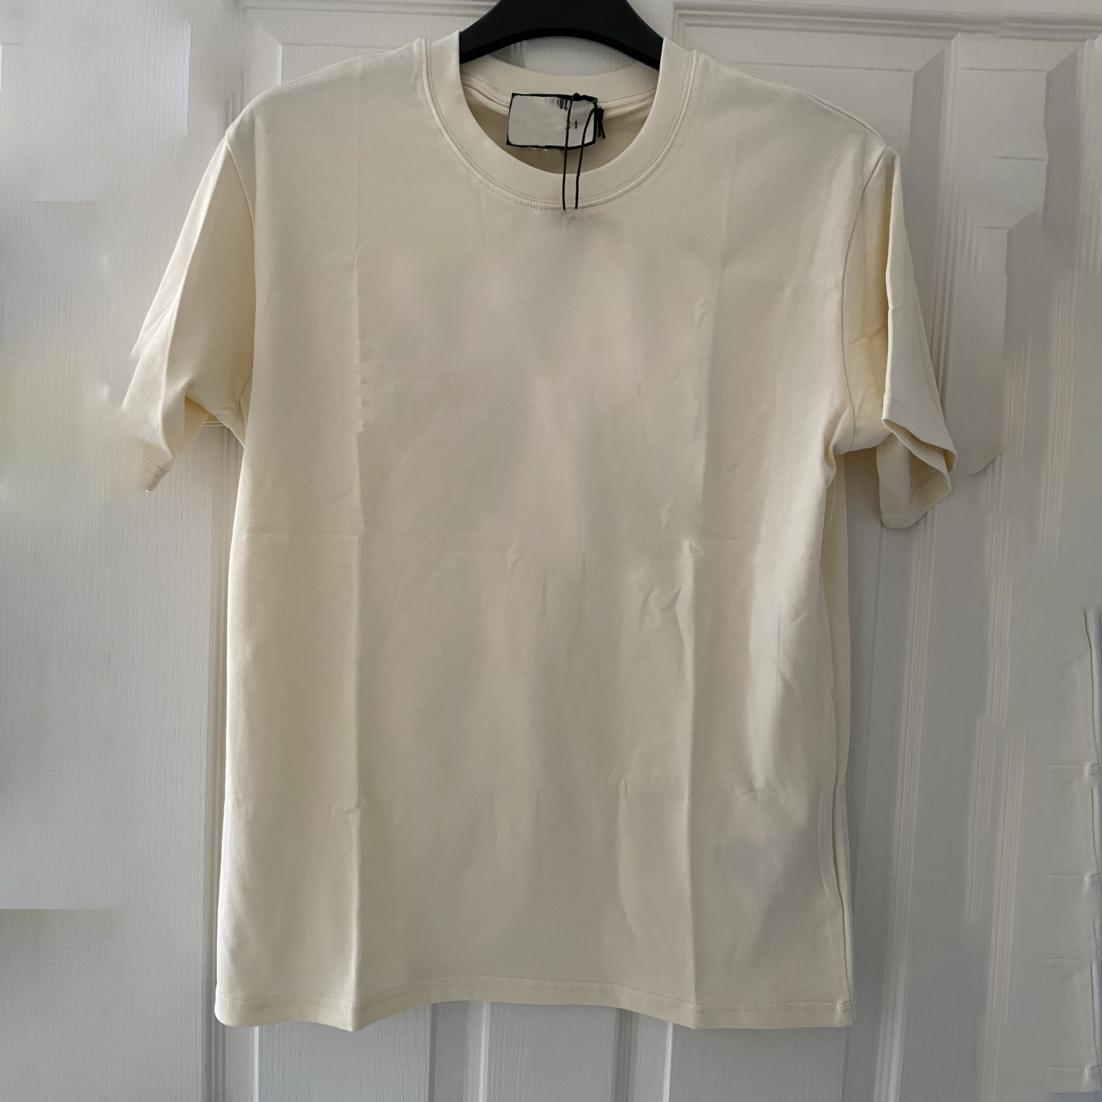 남성 T 셔츠 여름 패션 인과 문자 동물 인쇄 커플 이탈리아 스타일 클래식 캐주얼 짧은 소매 아시아 크기